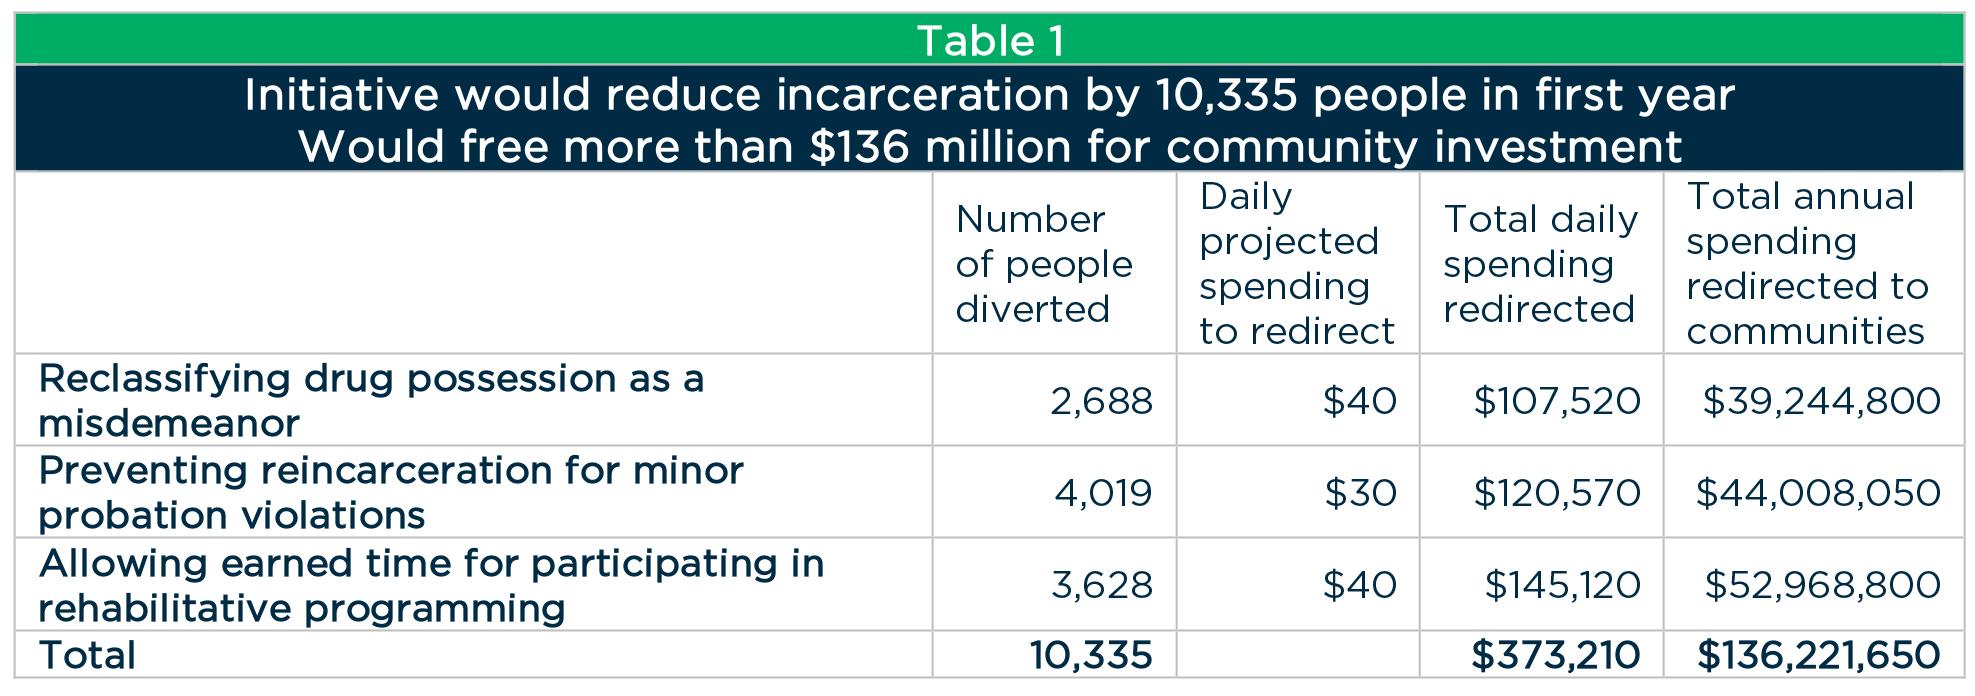 Issue 1: Reducing incarceration, improving communities